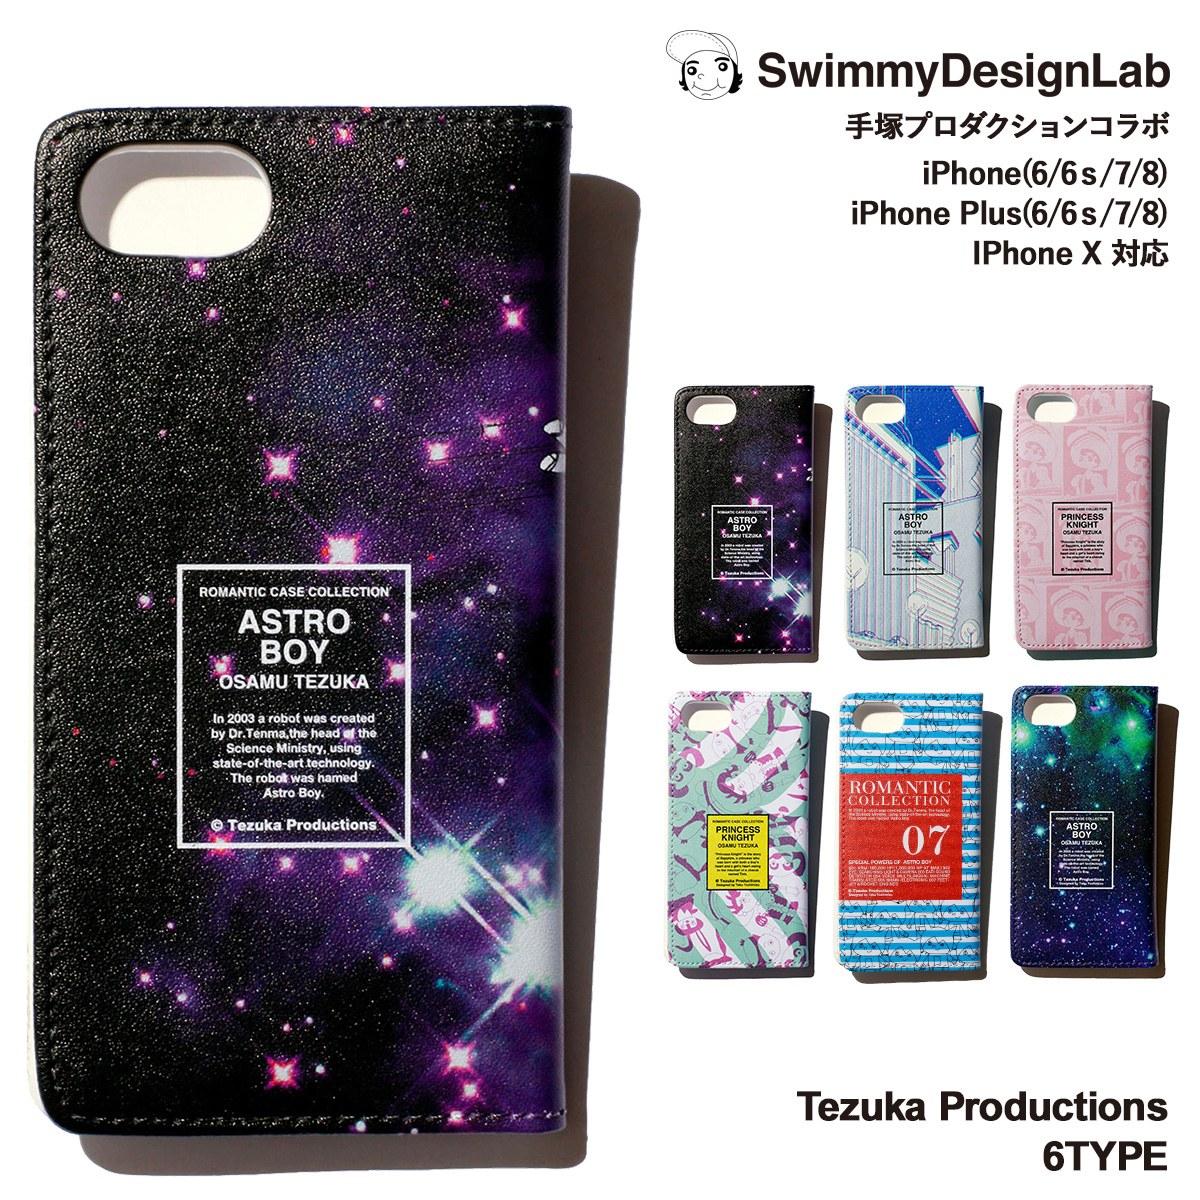 iPhone X iPhone8 SE iPhone 7 iPhone 6s iPhone 6 Plus ケース 手帳型 スマホ 携帯 アイフォン スマートフォン 手塚プロダクション コラ